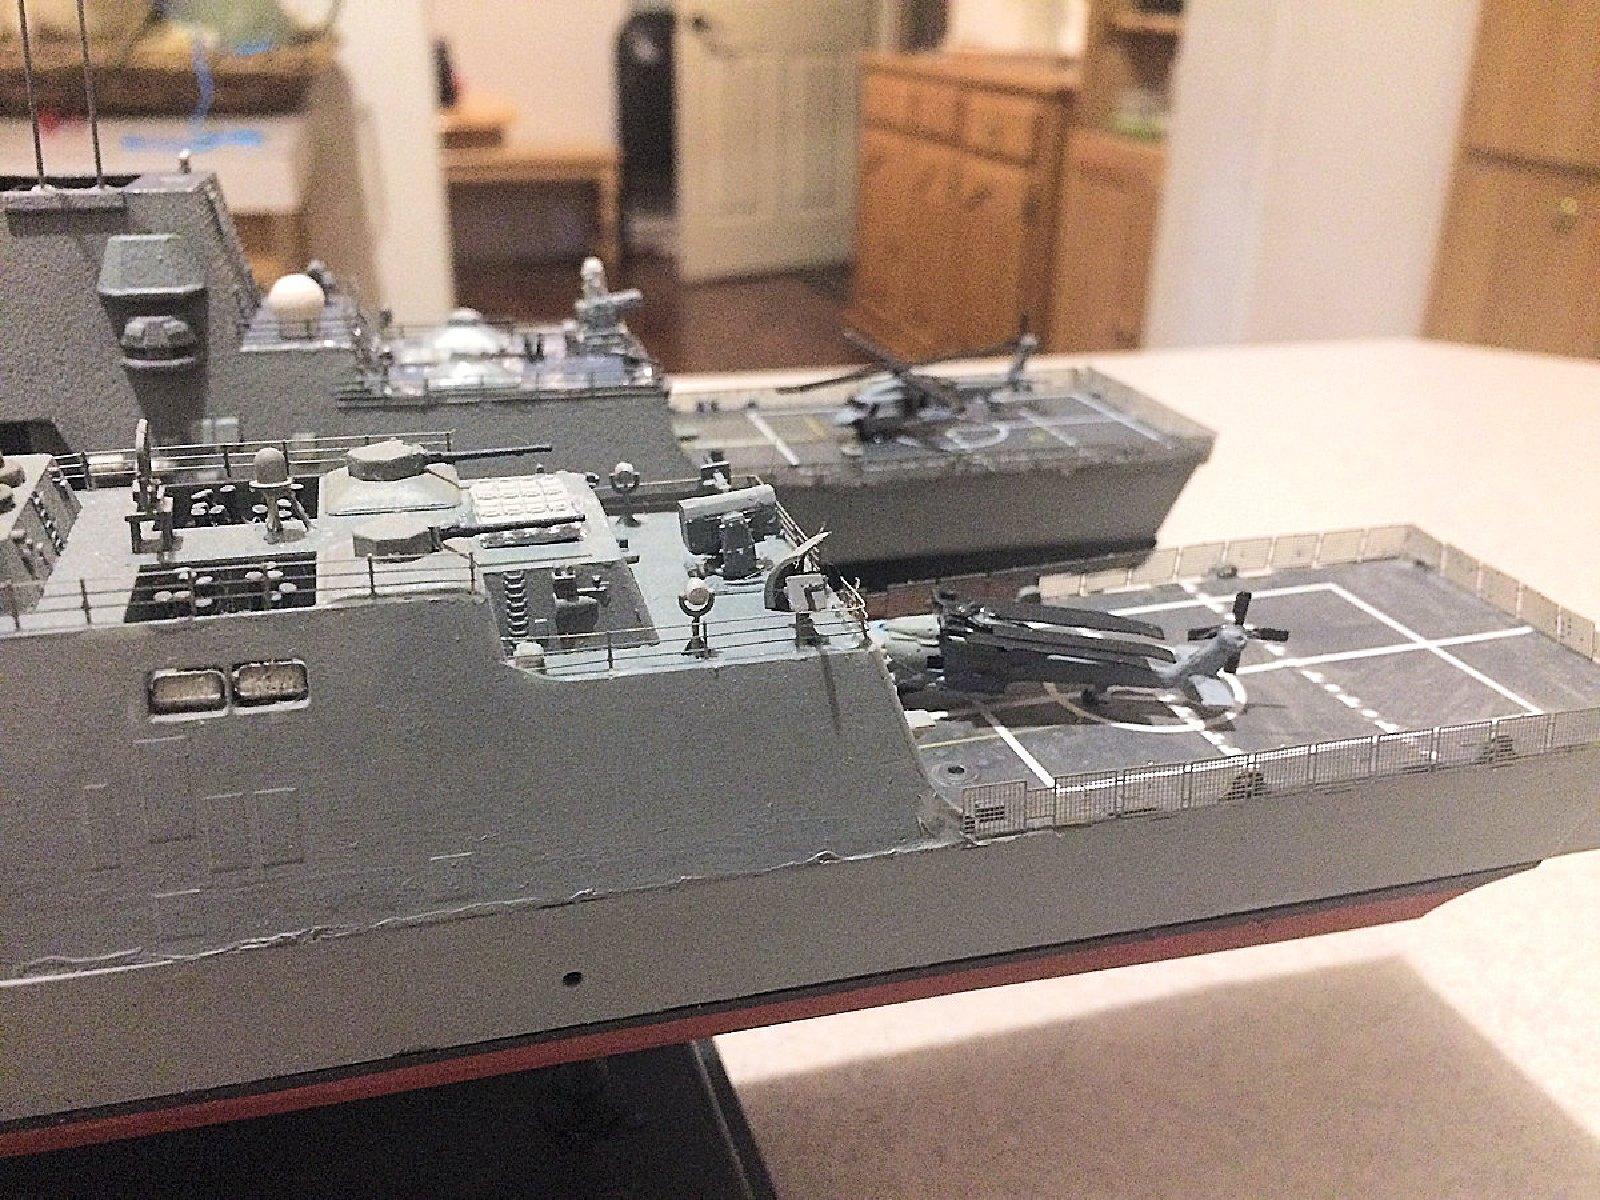 US Navy FFG(X) (Lockheed Entry) In 1/350 Scale By Dutch